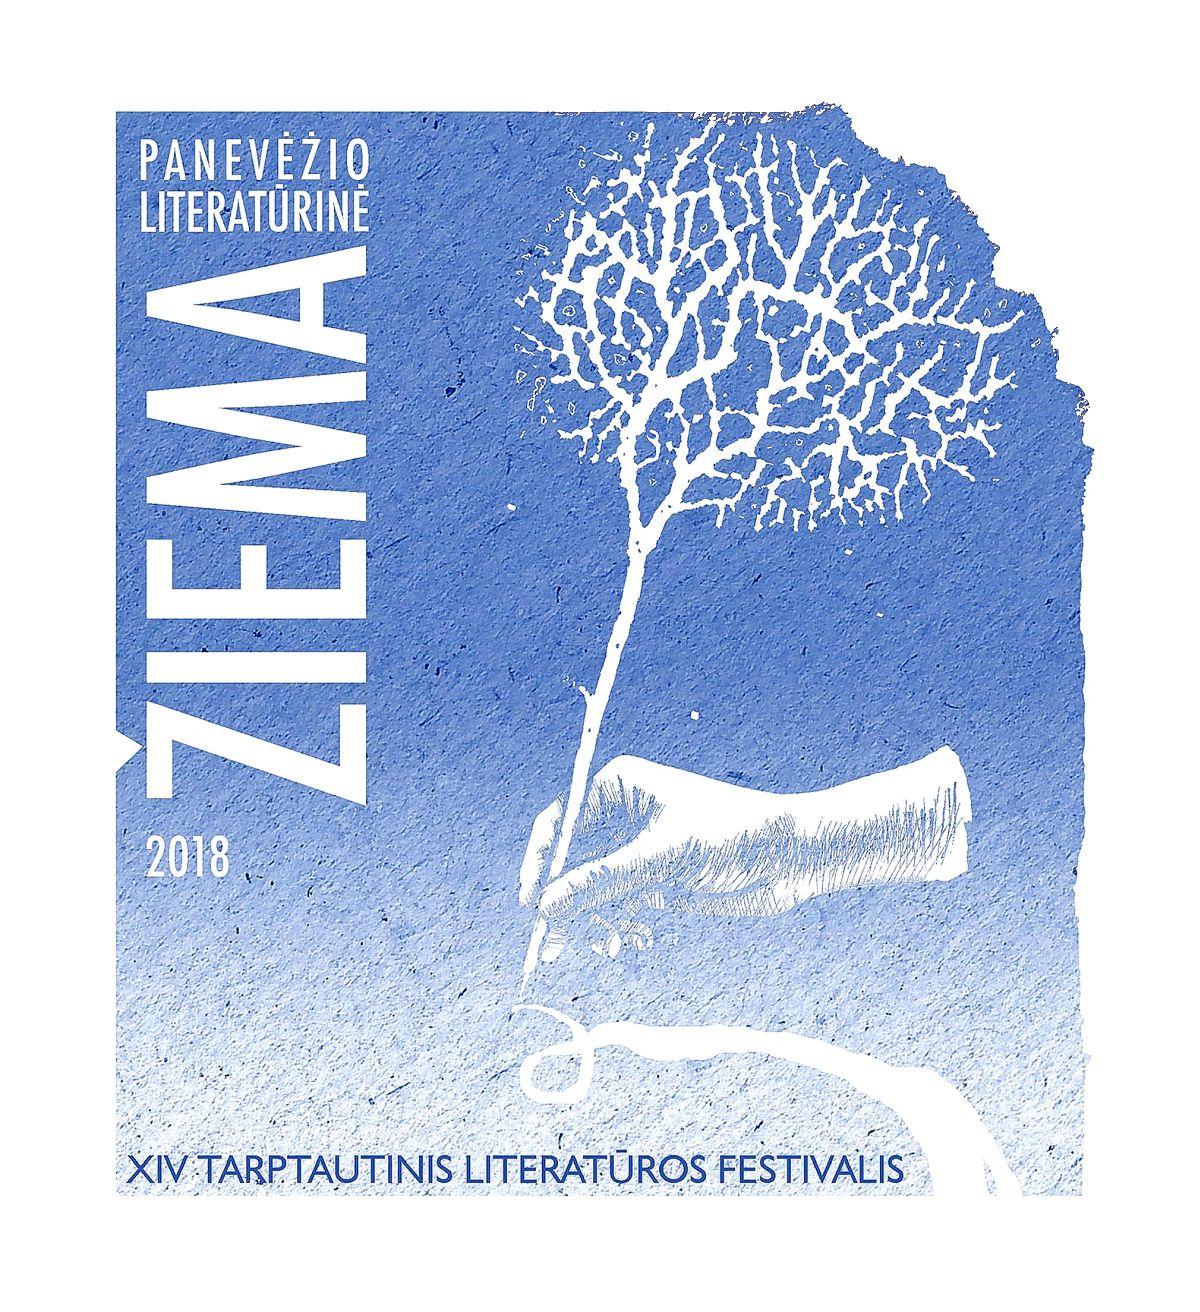 """Visus kviečia  Tarptautinis XIV literatūros festivalis """"Panevėžio literatūrinė žiema 2018"""""""